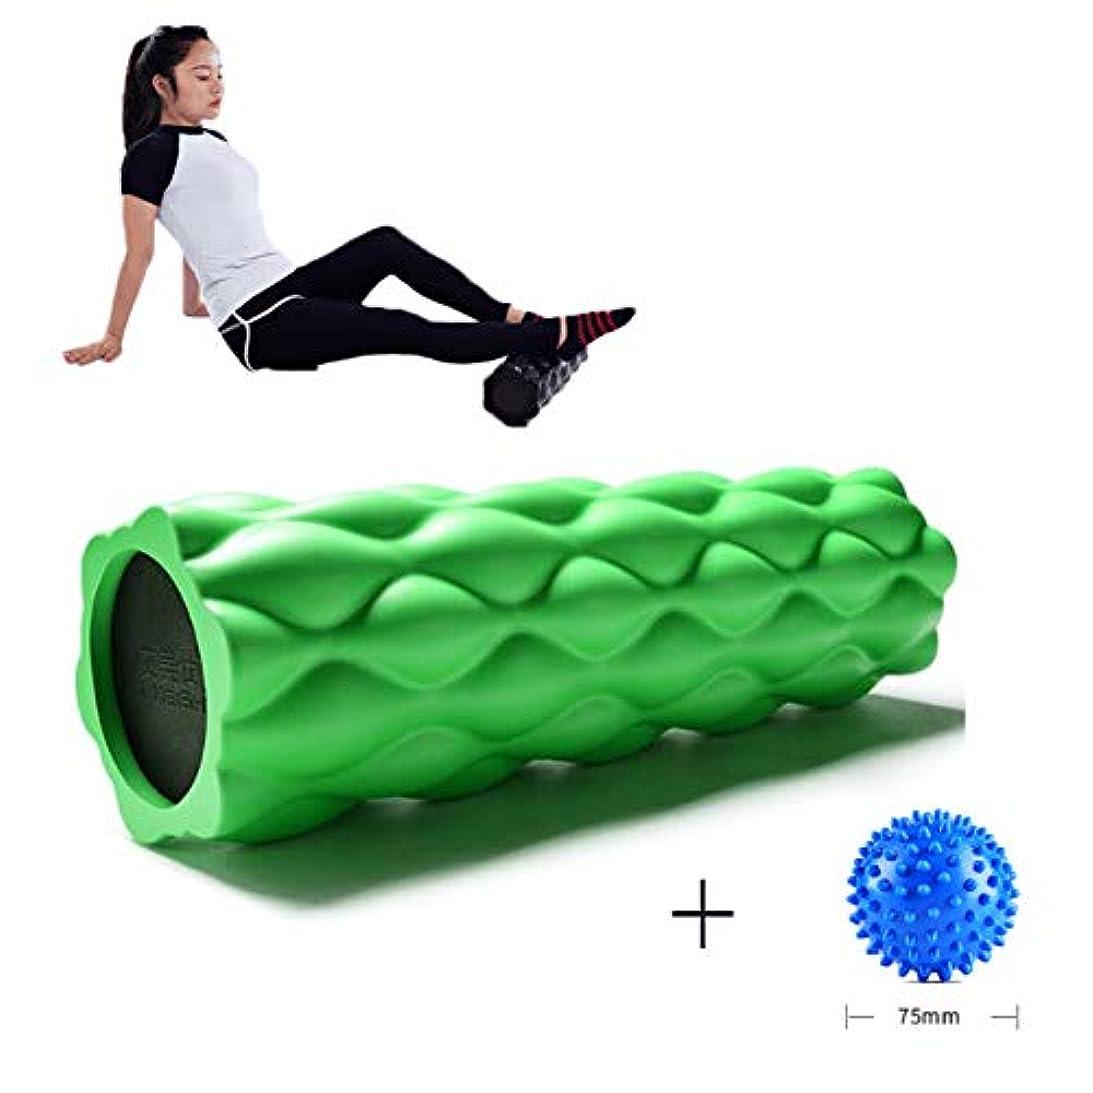 眠りダーリン穀物フォームローラー 深部組織筋肉マッサージトリガーポイント解放(44.5 x 13.5 cm)のための高密度耐圧脊髄チャンネル,Green